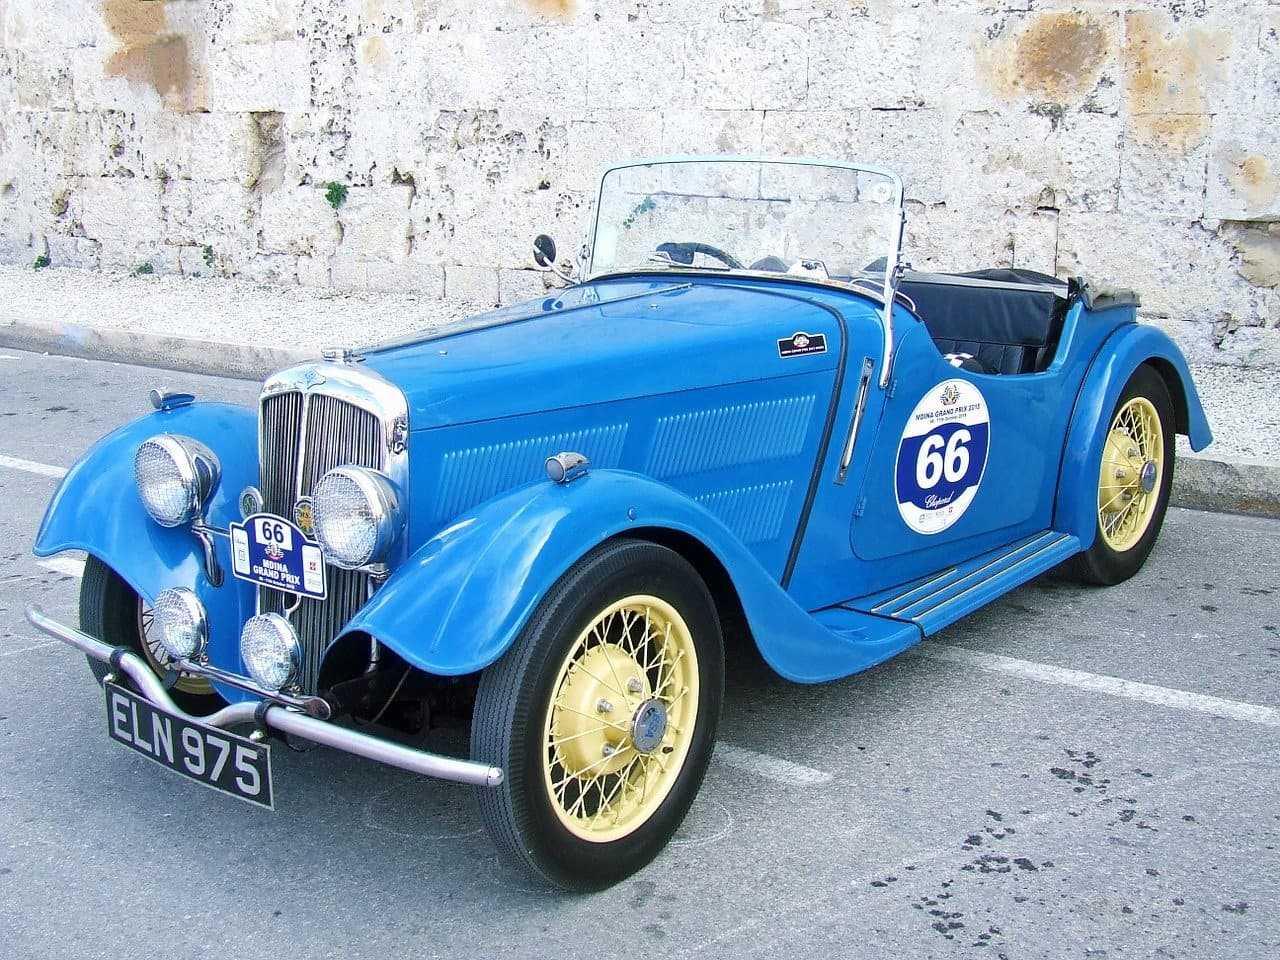 Ubezpieczenie samochodu zabytkowego. Ile kosztuje OC dla historycznego auta?